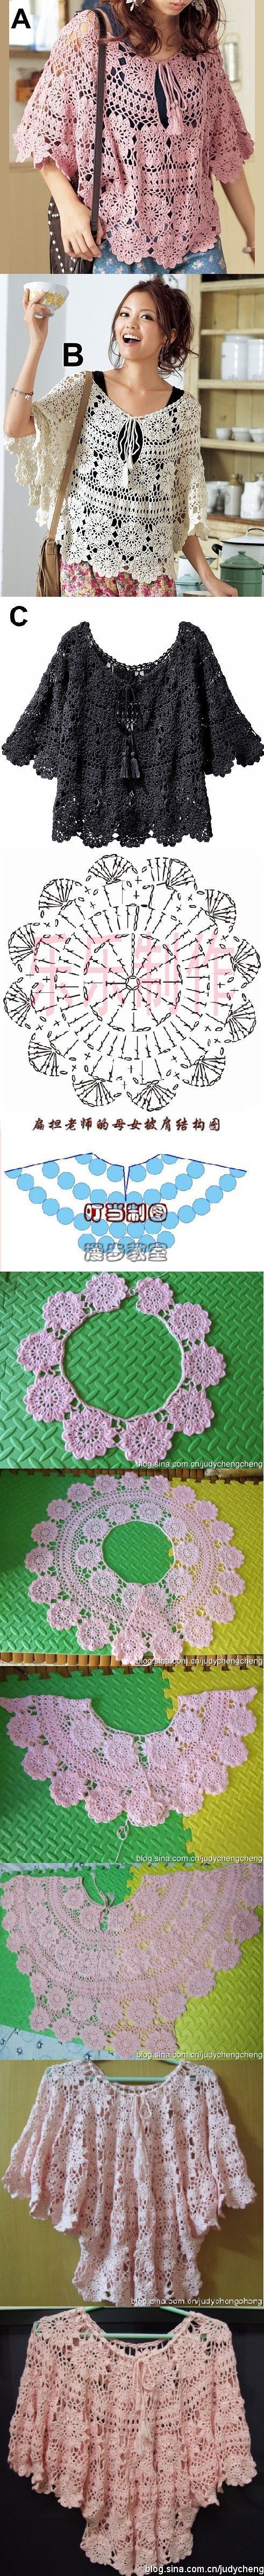 Luty Artes Crochet: Blusas em Crochê + Gráfico .: